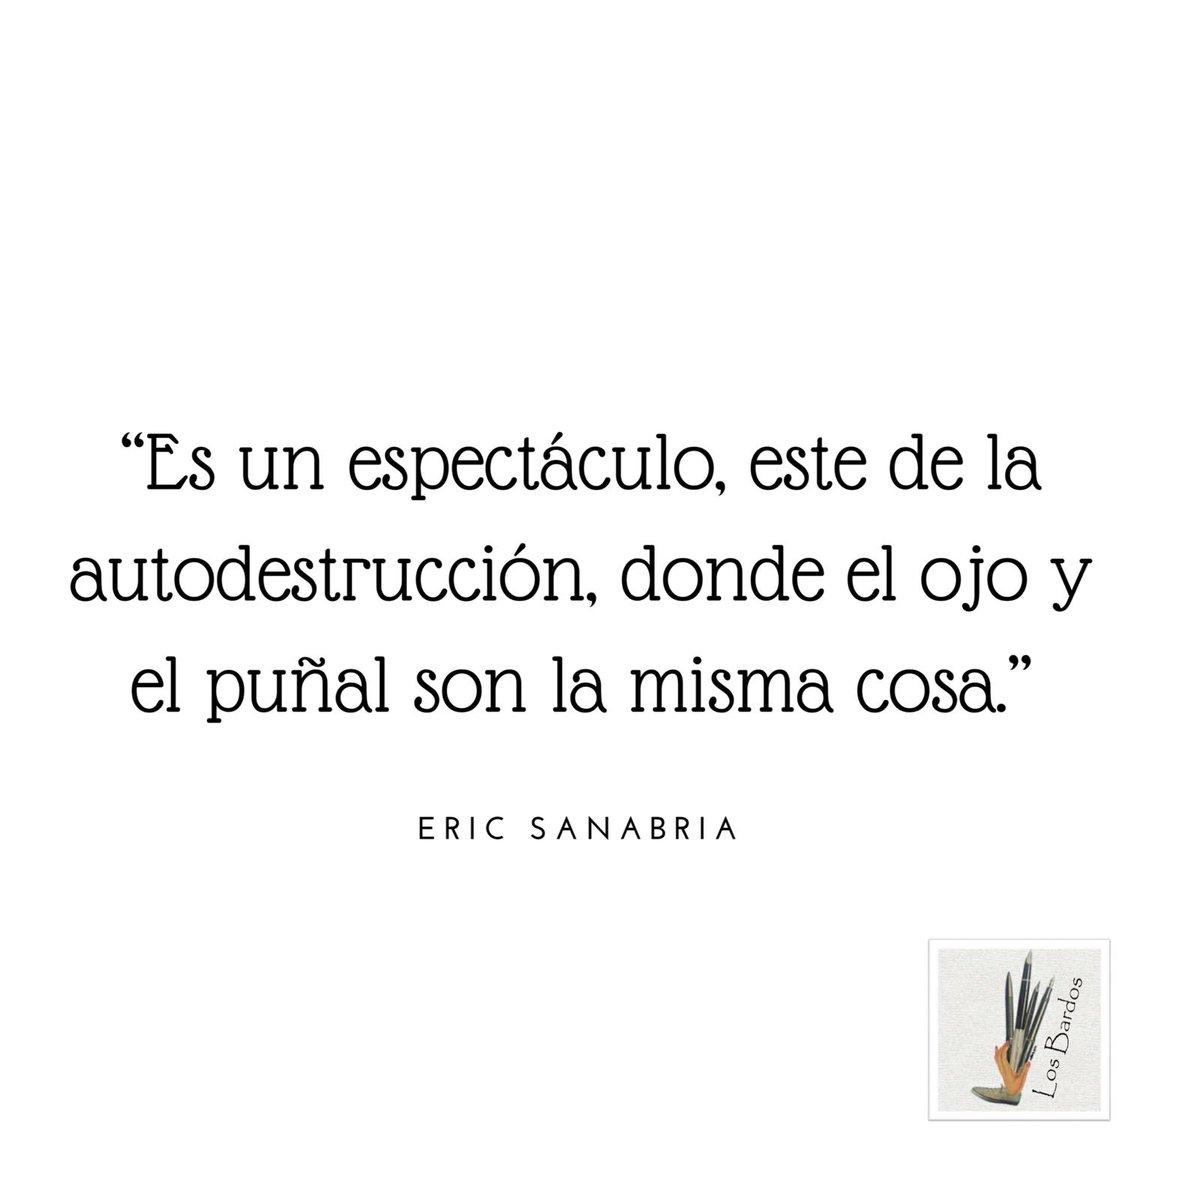 Eric Sanabria ahonda en las raíces de la conciencia. #Ericsanabria #autodestrucción #losbardos #versos #poesia #losbardospoesiapic.twitter.com/xsxv6yyPGt